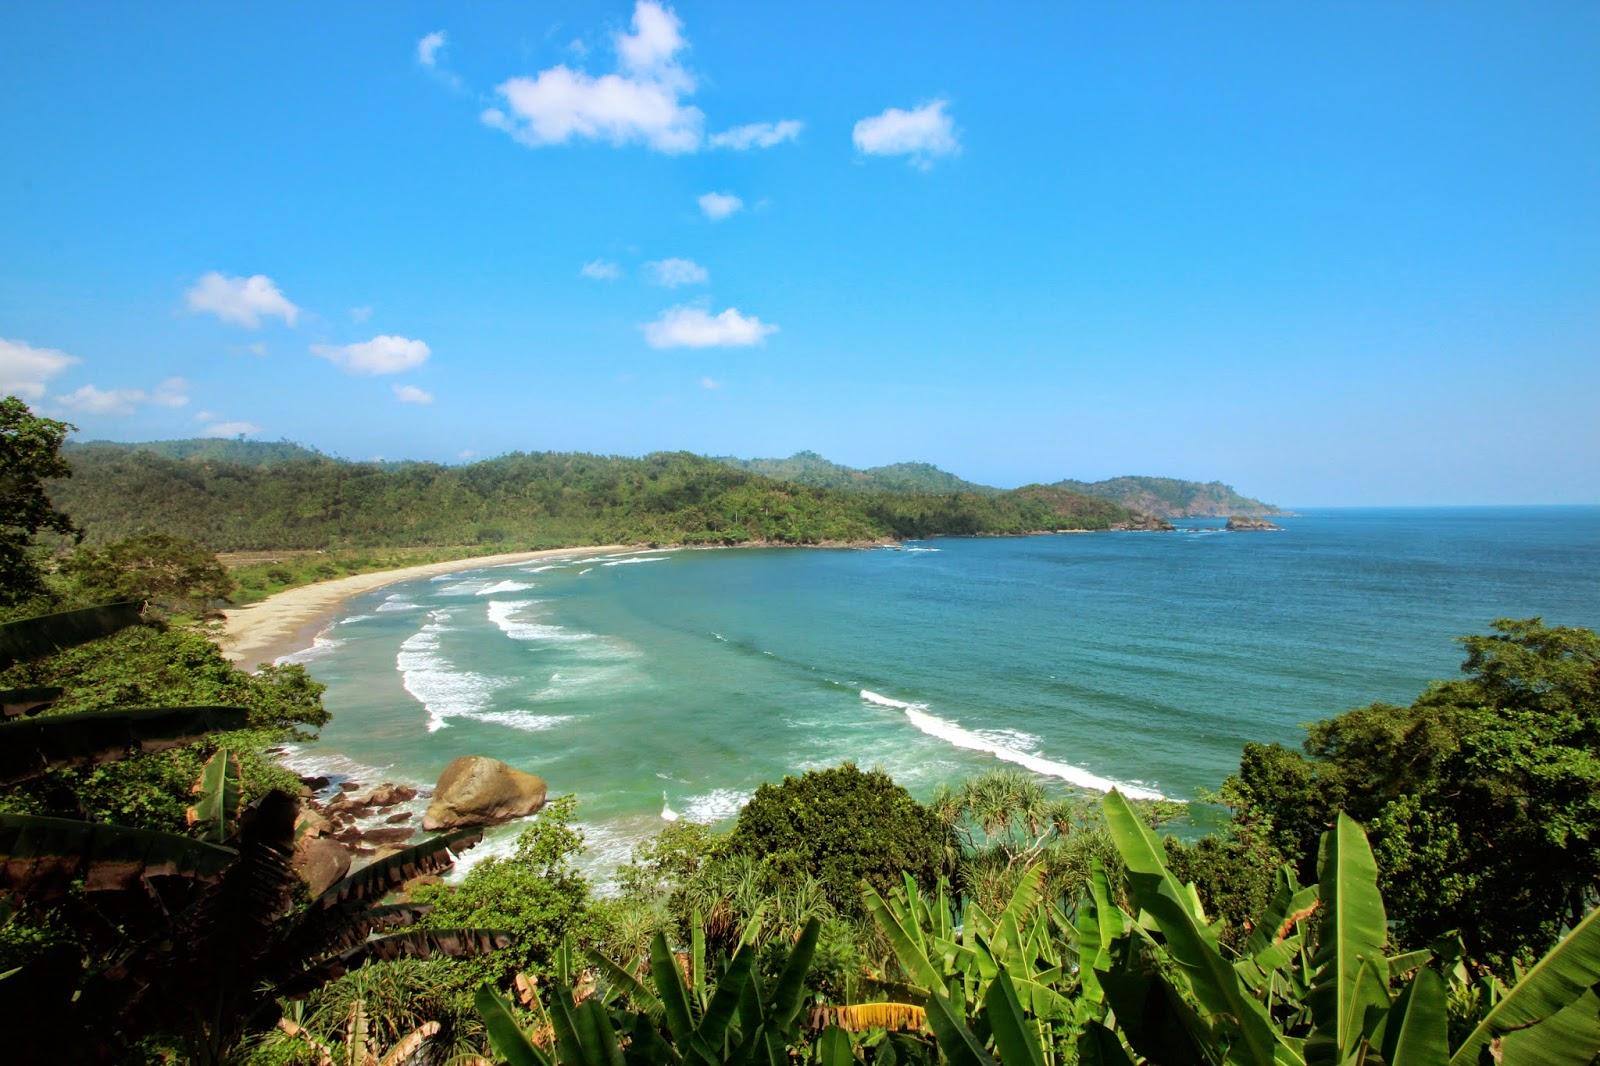 Wisata Pantai Lenggoksono Malang Teluk Kletekan Kota